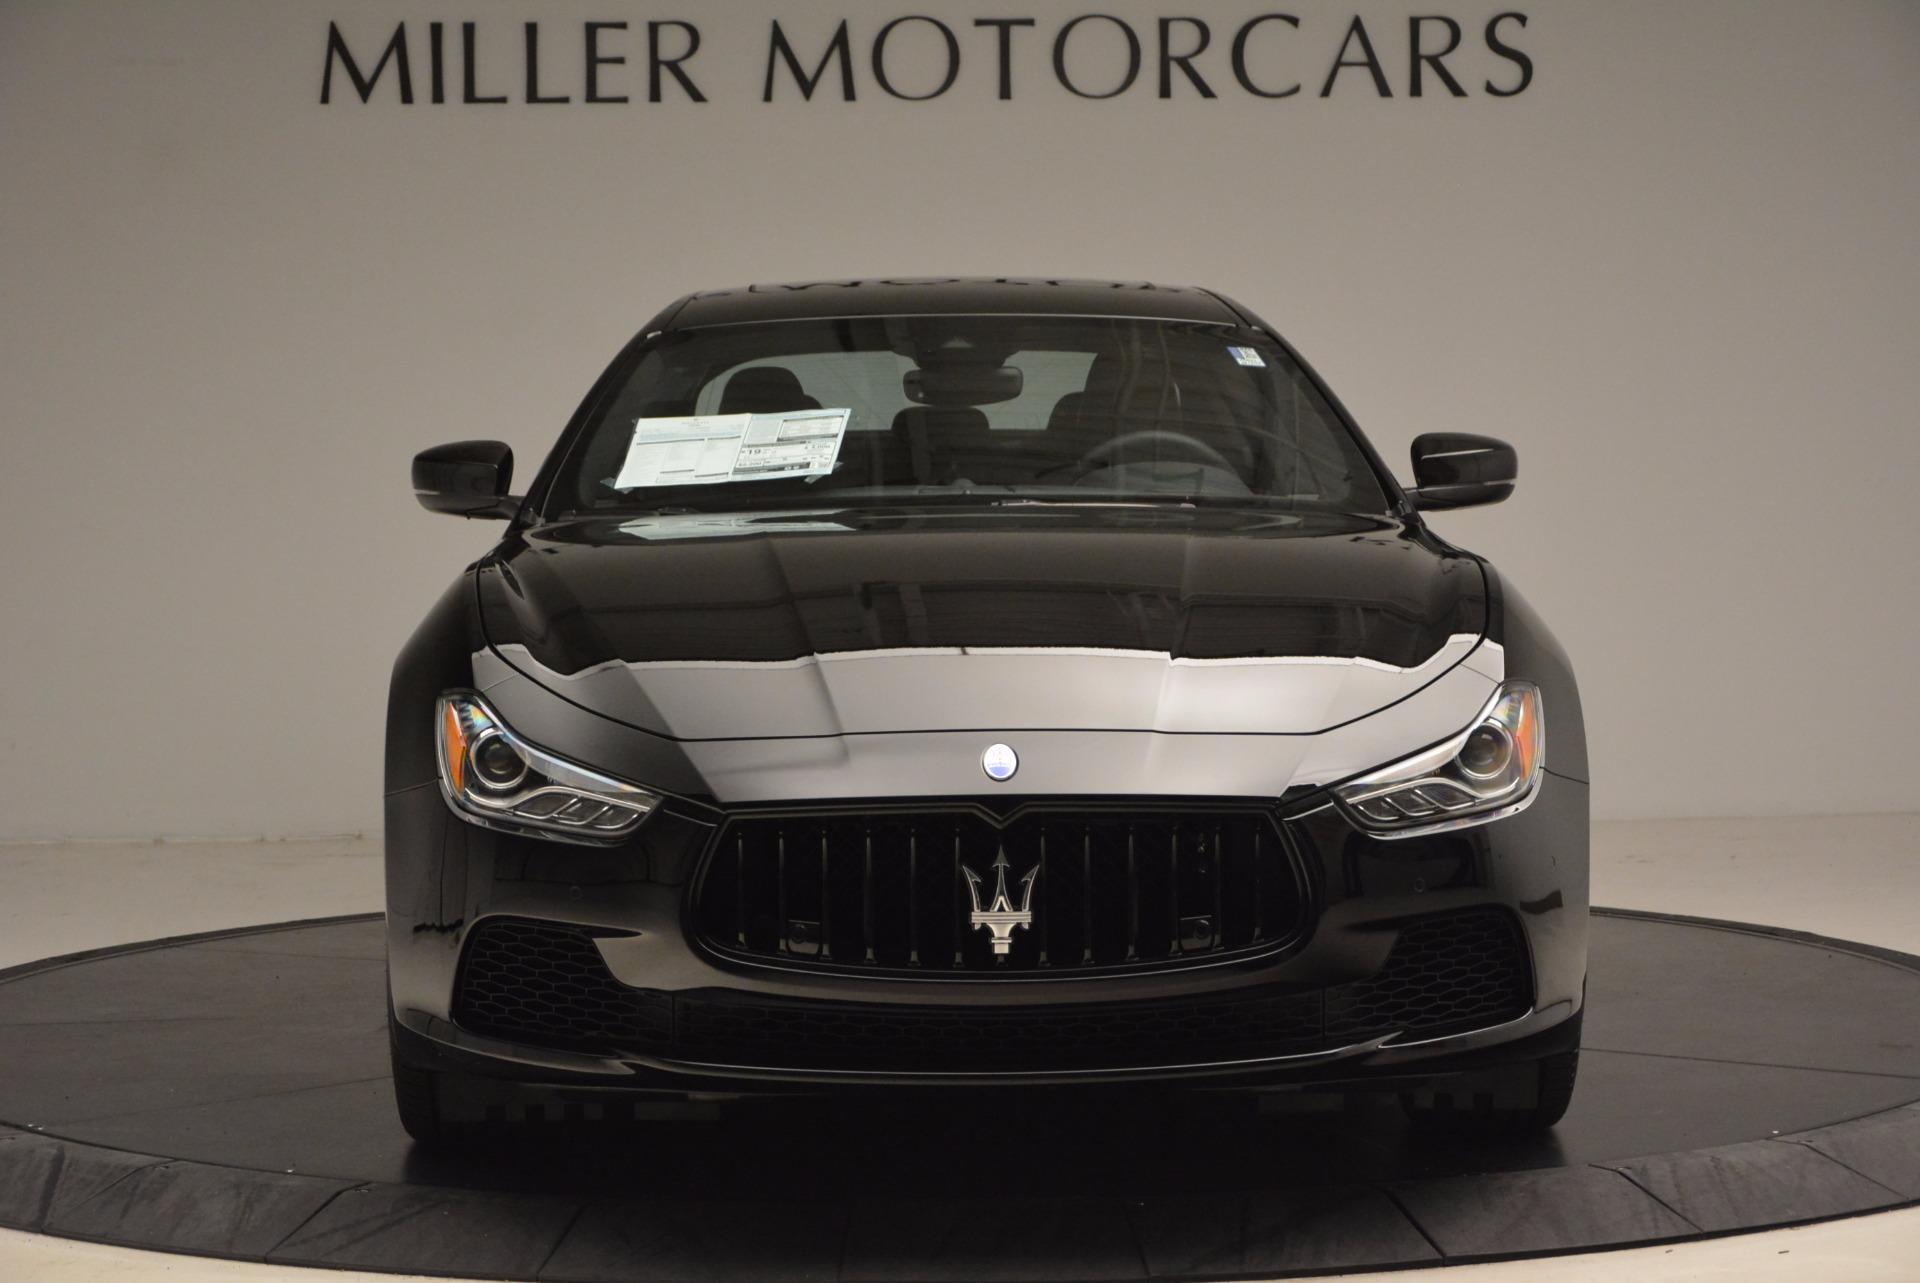 New 2017 Maserati Ghibli SQ4 S Q4 Nerissimo Edition For Sale In Greenwich, CT 1334_p12